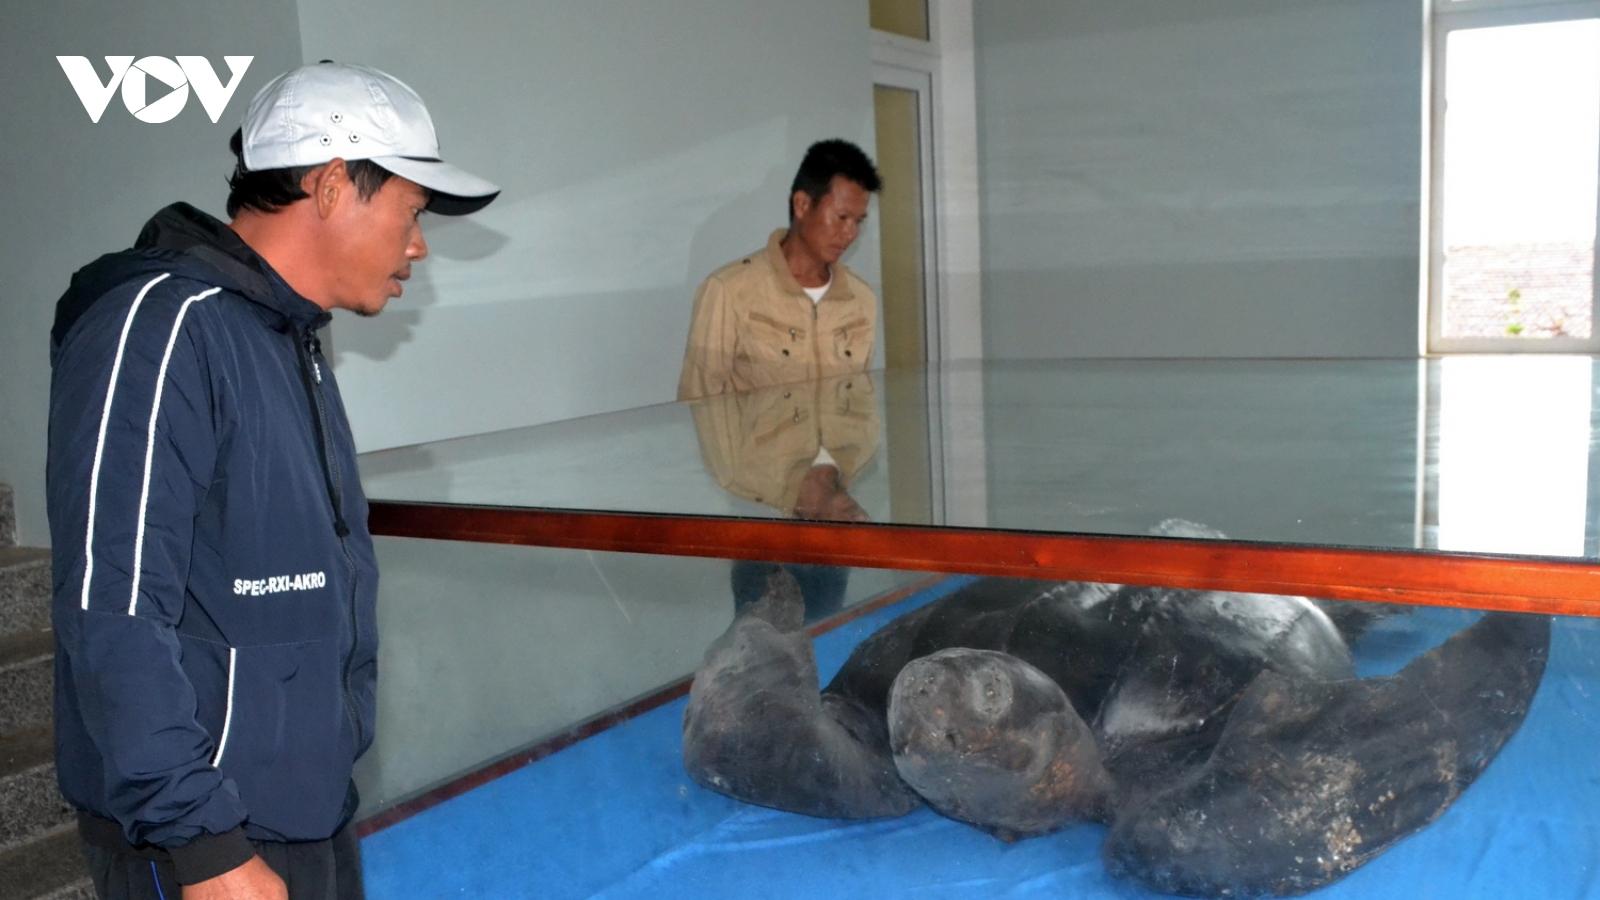 Tiêu bản rùa da quý hiếm ở Lý Sơn chưa có nơi trưng bày